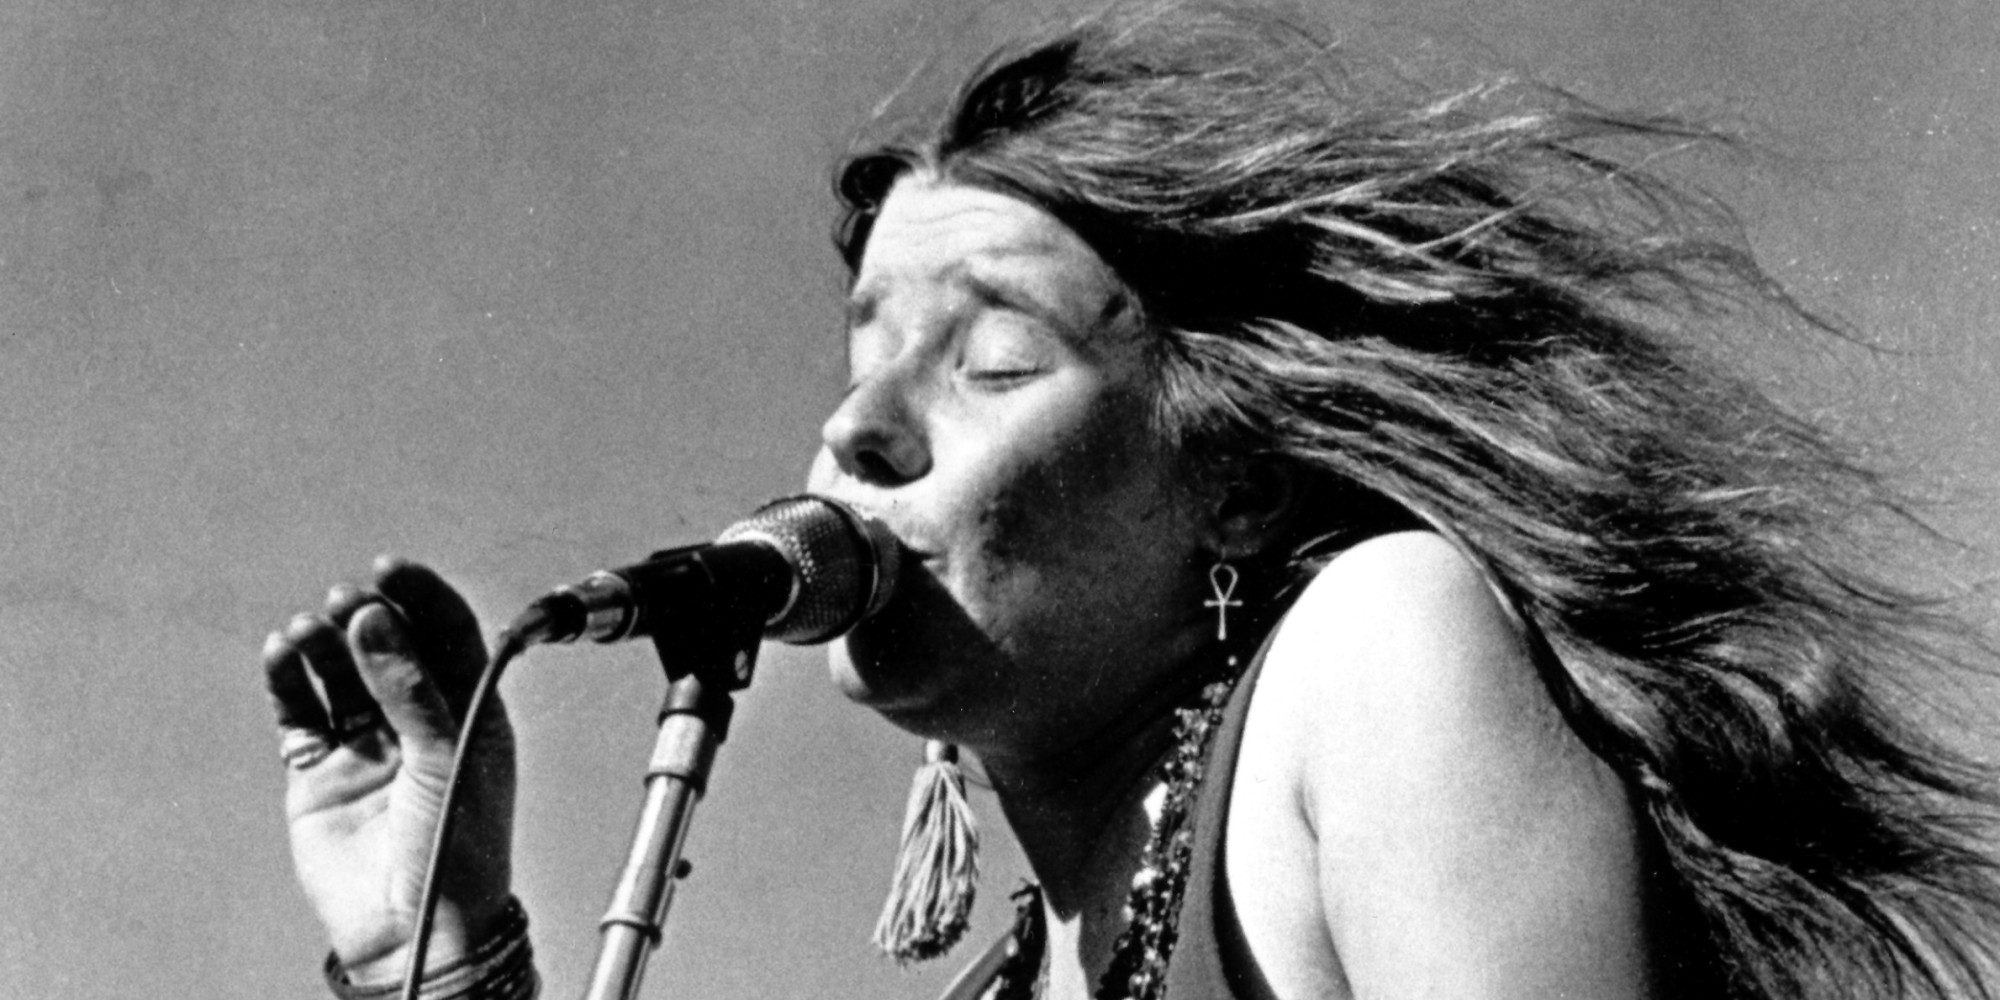 Janis Joplin performing in 1968.